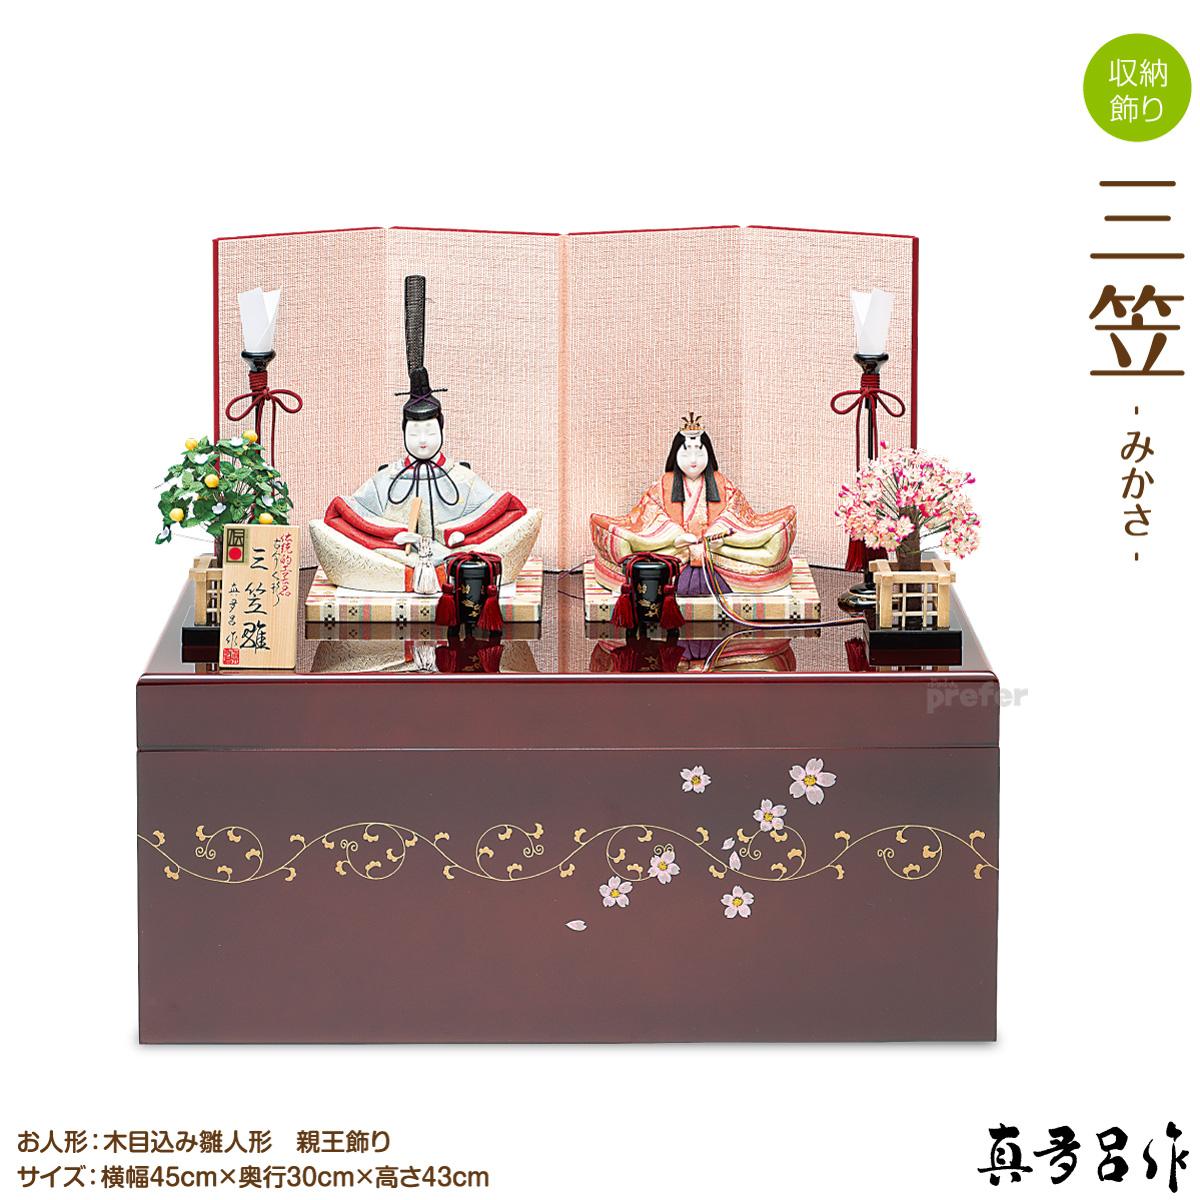 雛人形 収納飾り 真多呂作三笠(みかさ) 収納式 コンパクト 収納雛 特選